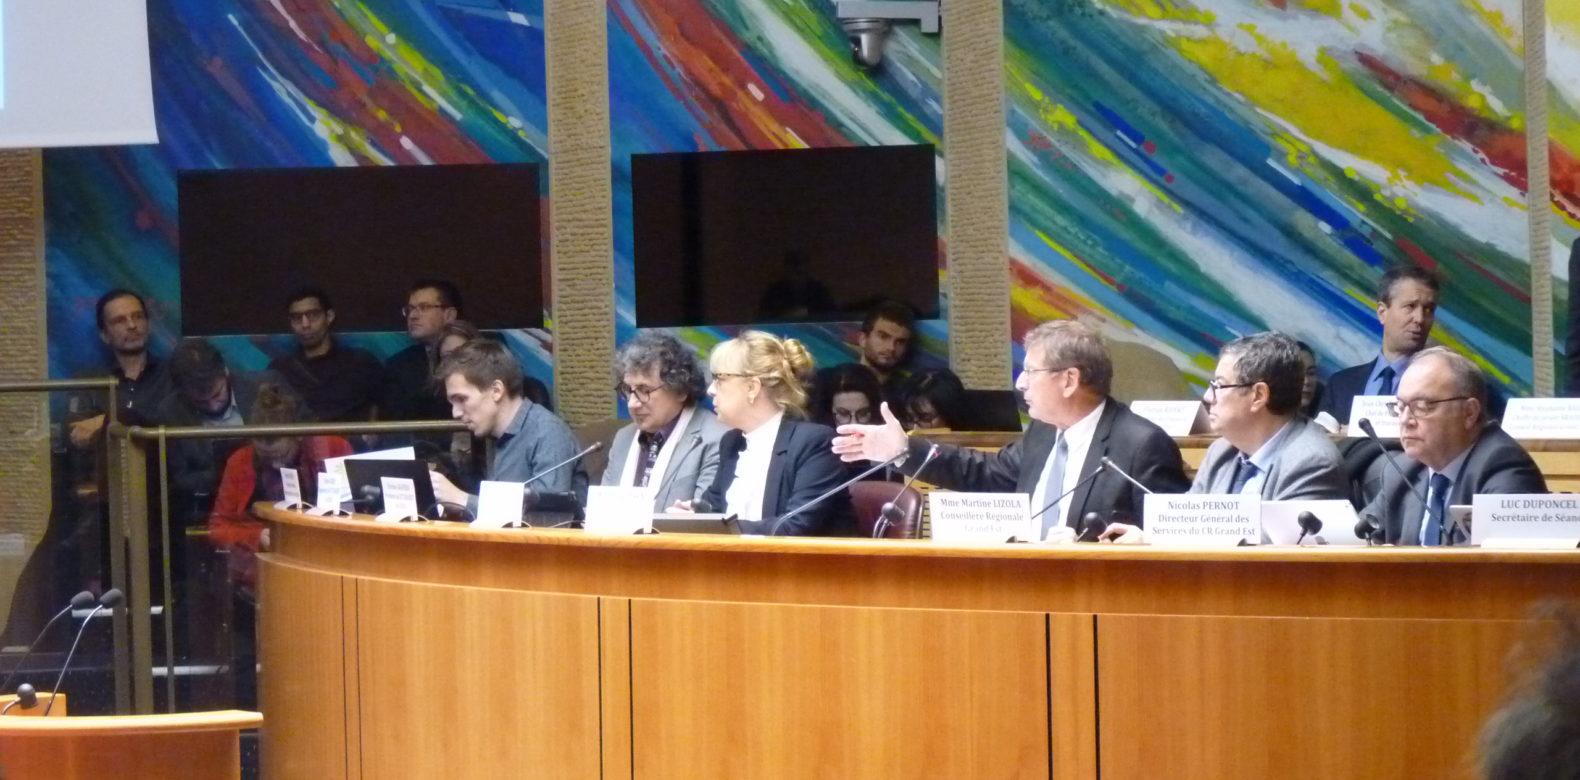 Schéma régional d'aménagement, de développement durable et d'égalité des territoires (SRADDET)